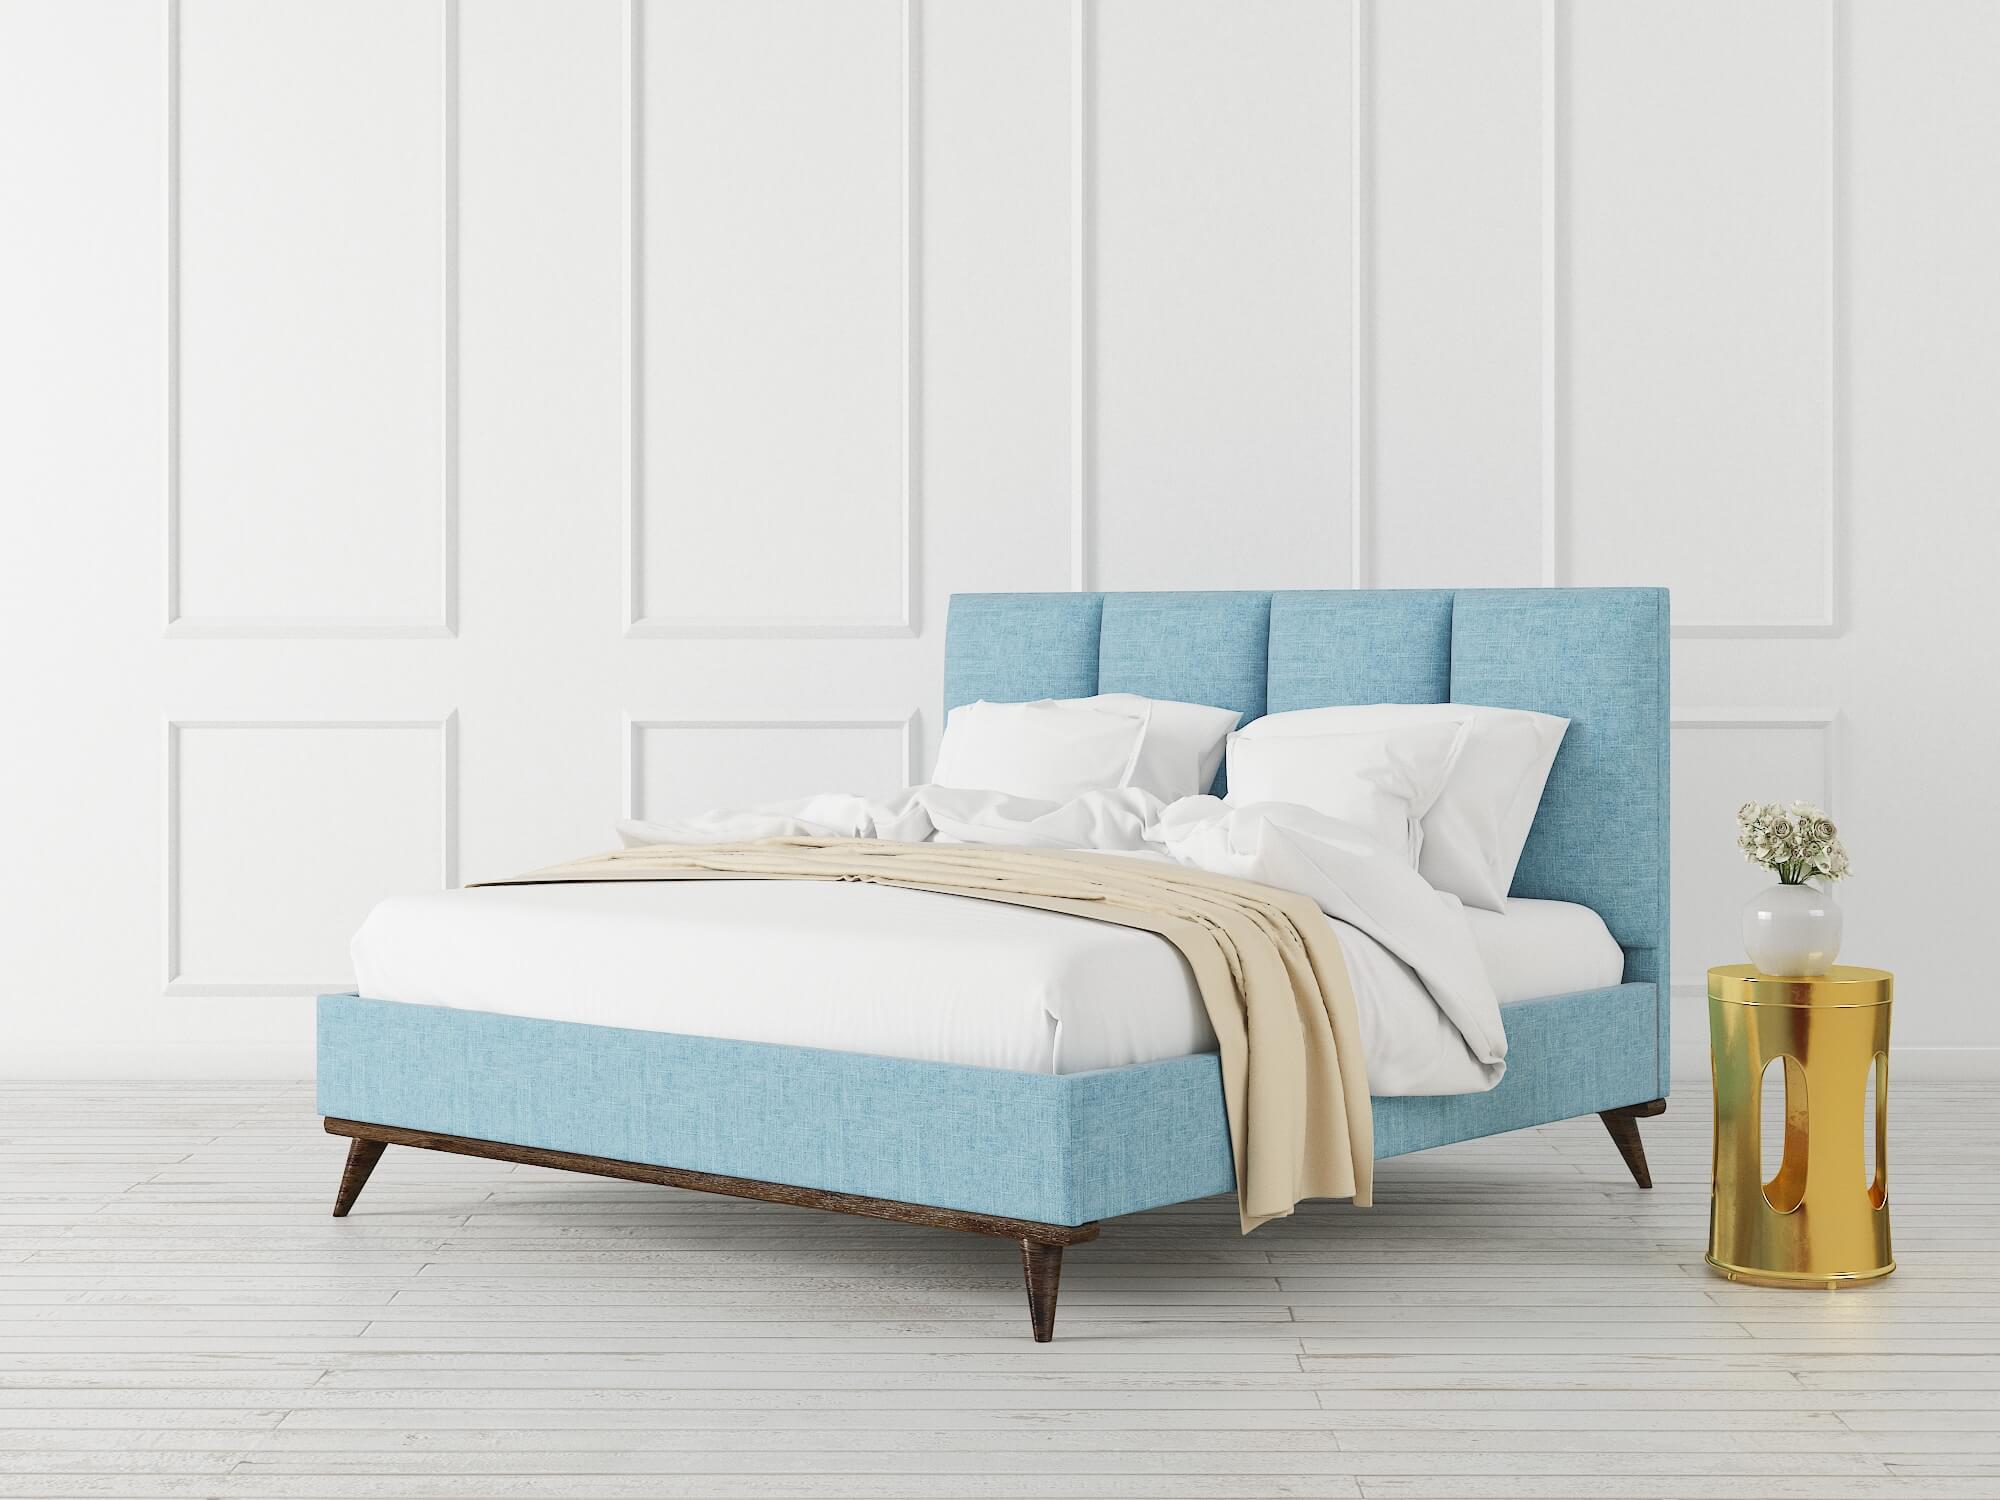 Celine Bed King Room Background